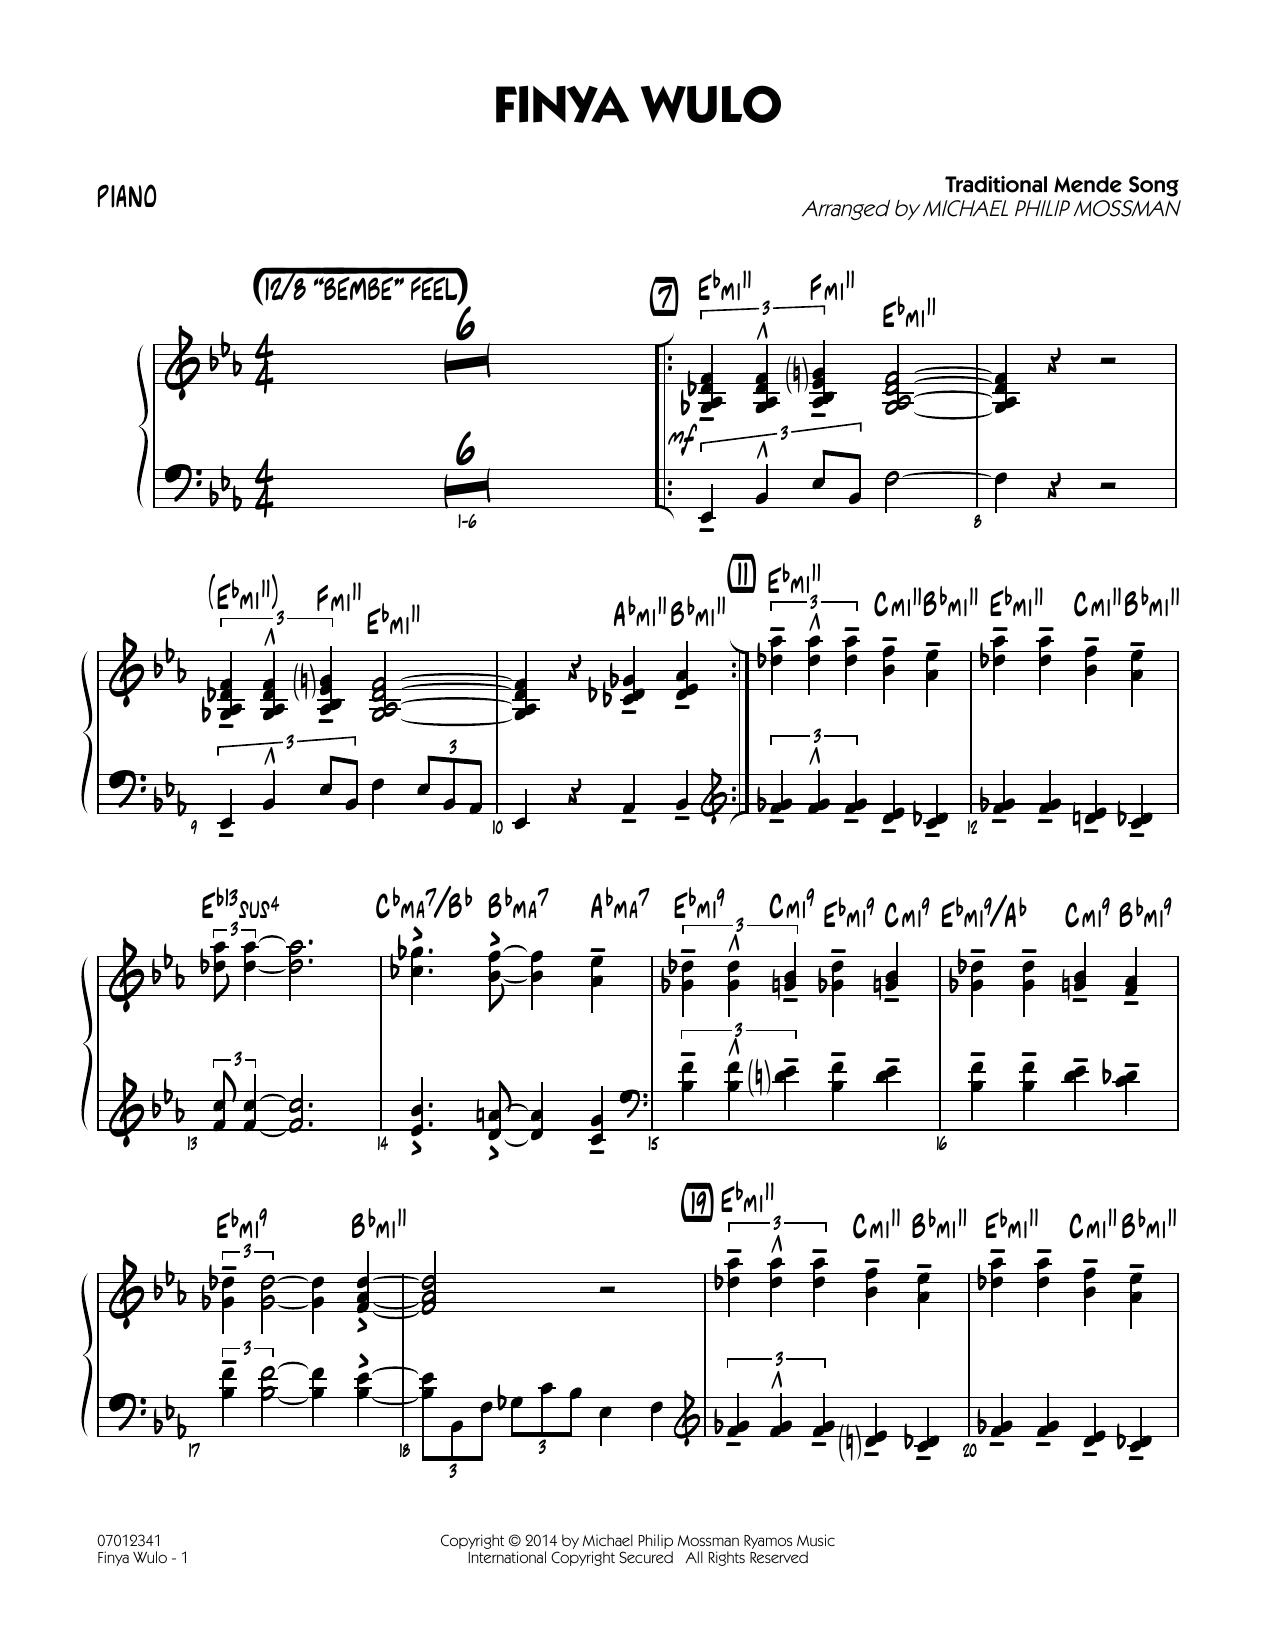 Finya Wulo - Piano (Jazz Ensemble)